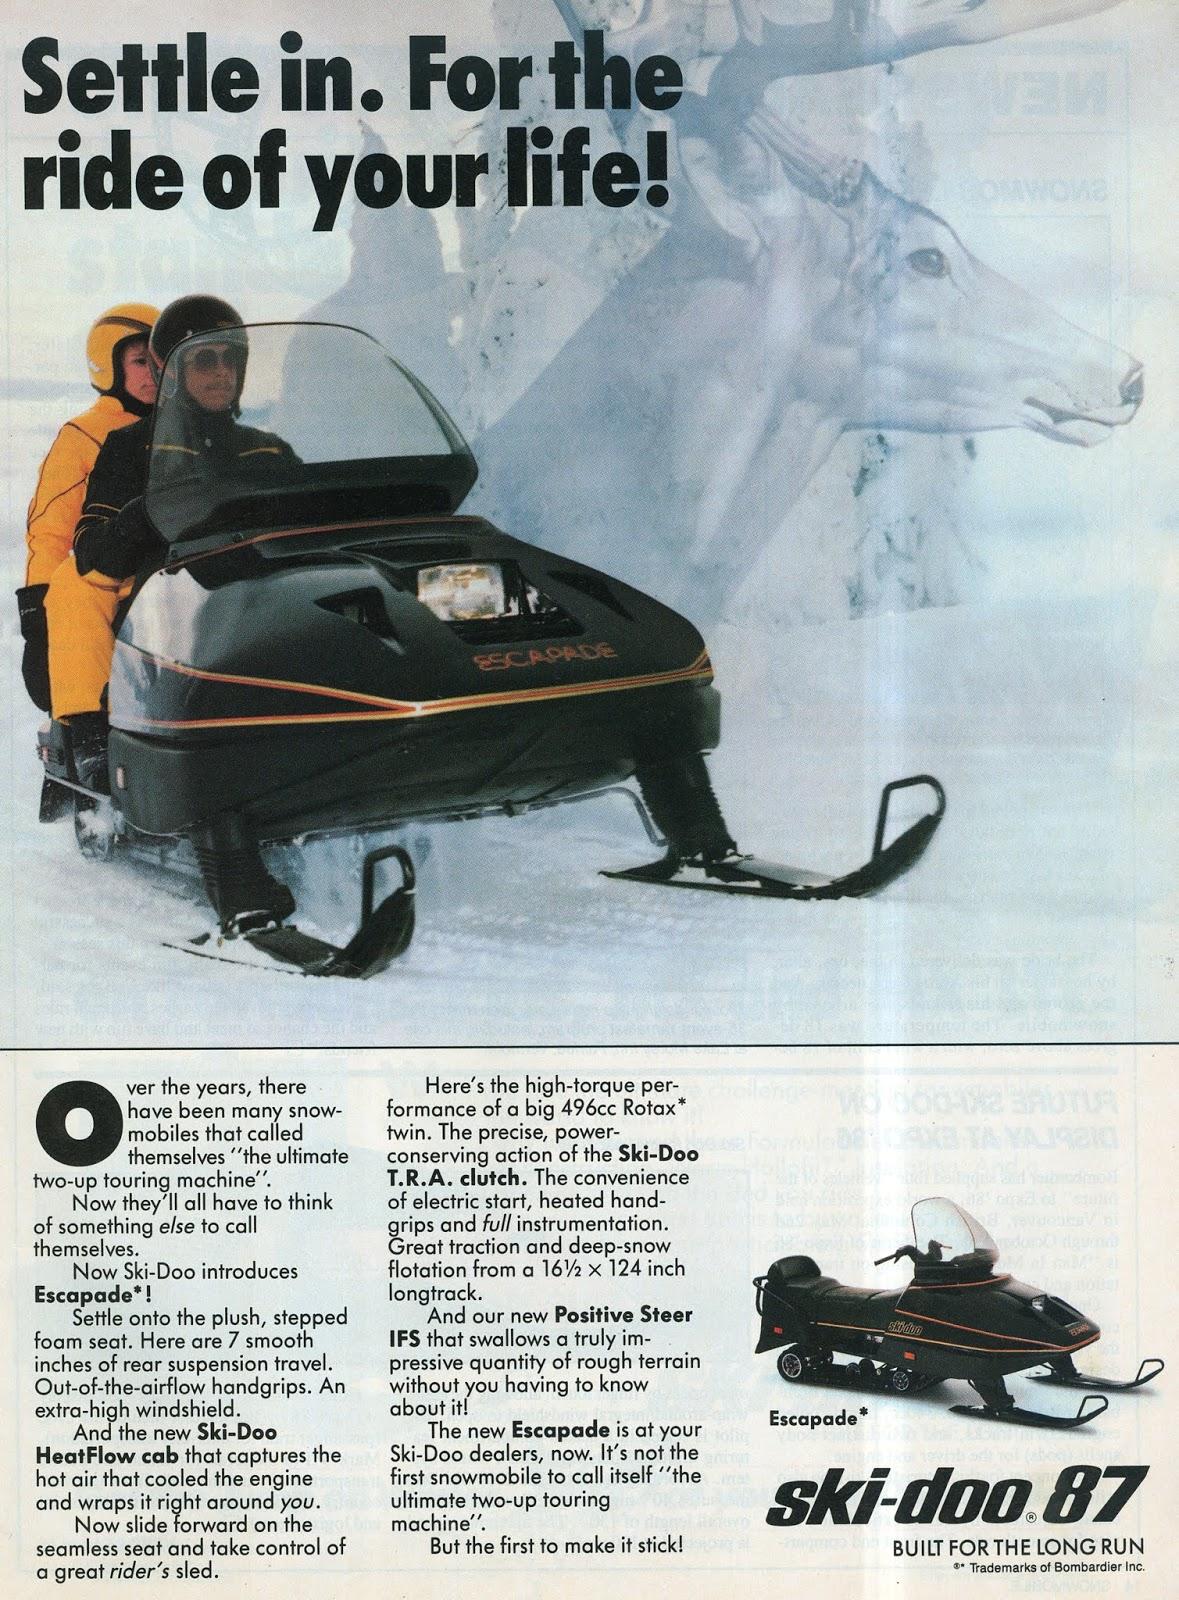 1987 SKI DOO ESCAPADE SNOWMOBILE